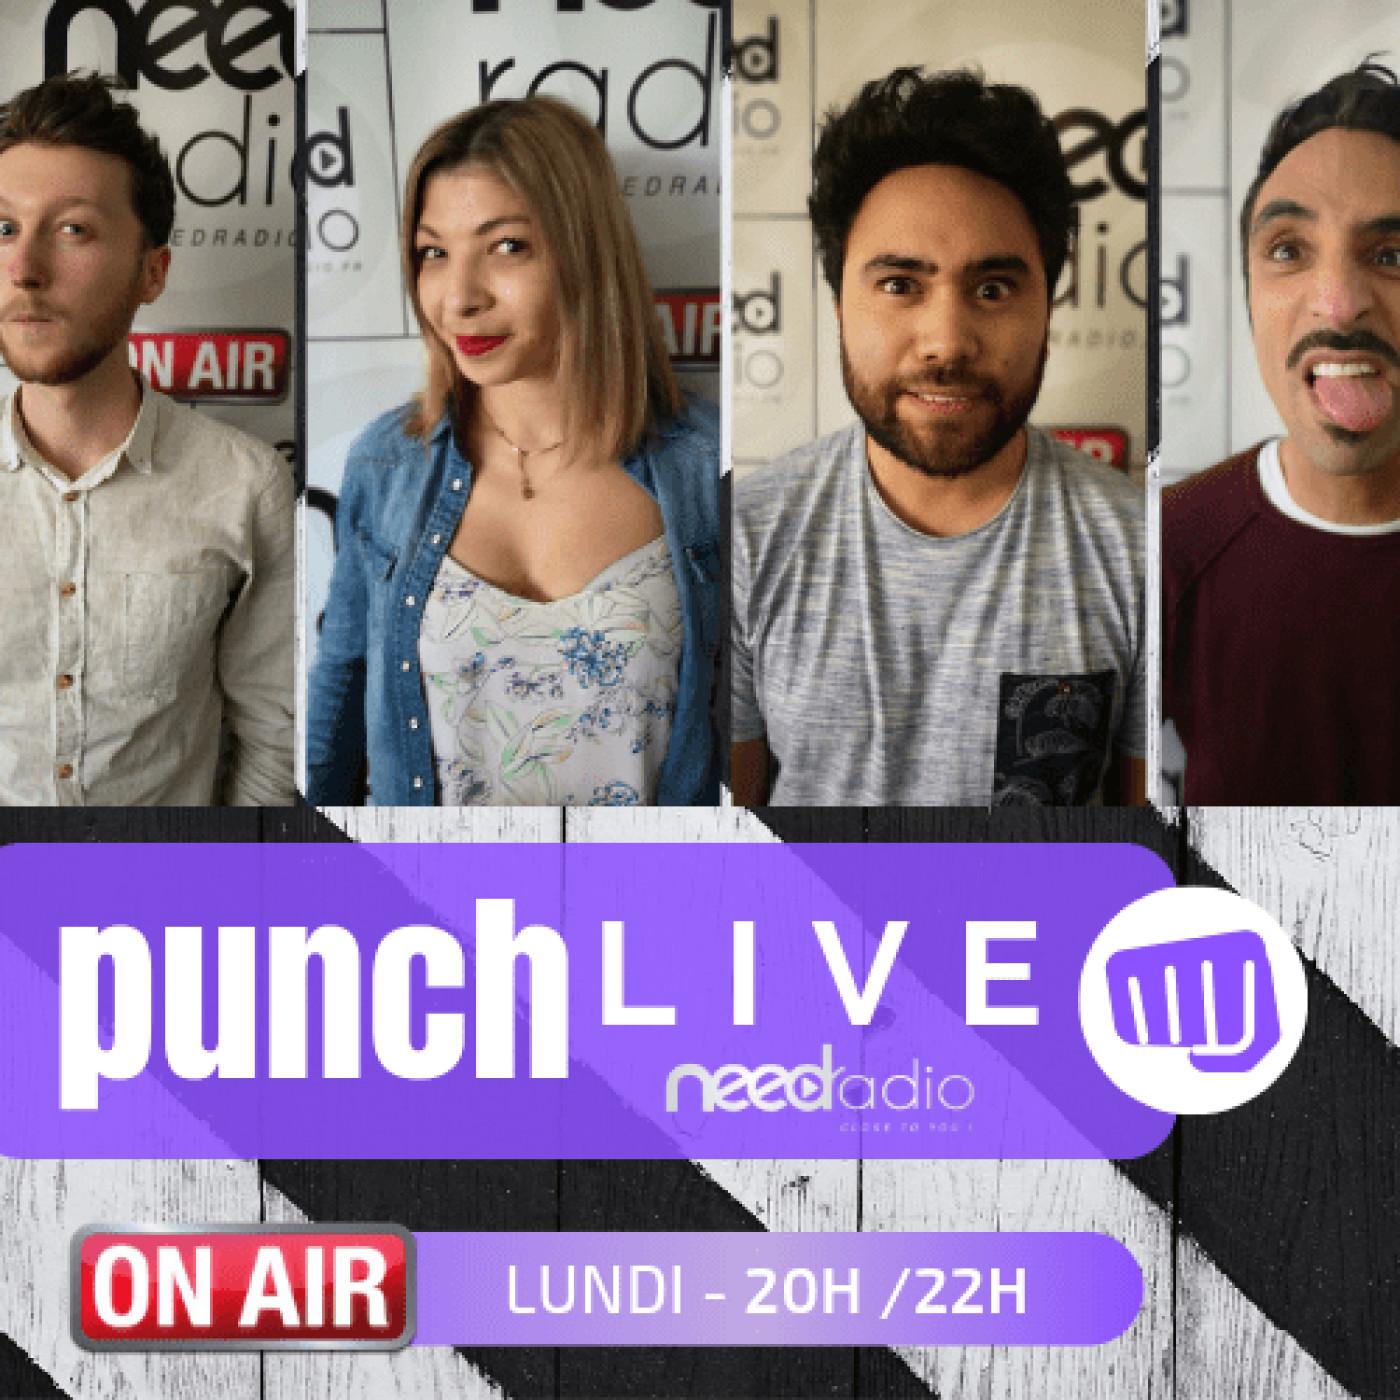 Punch Live (avec Quentin et son équipe) (30/09/19)